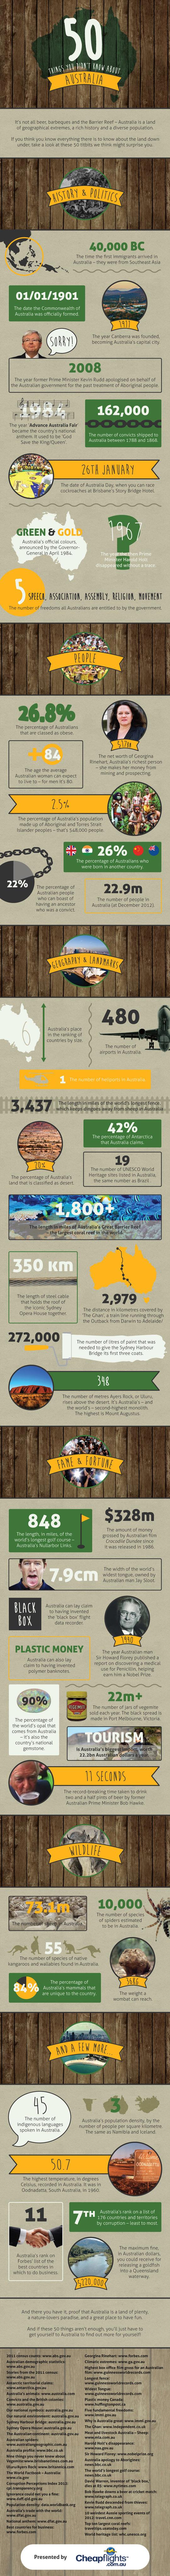 Australia Confidential-Infographic